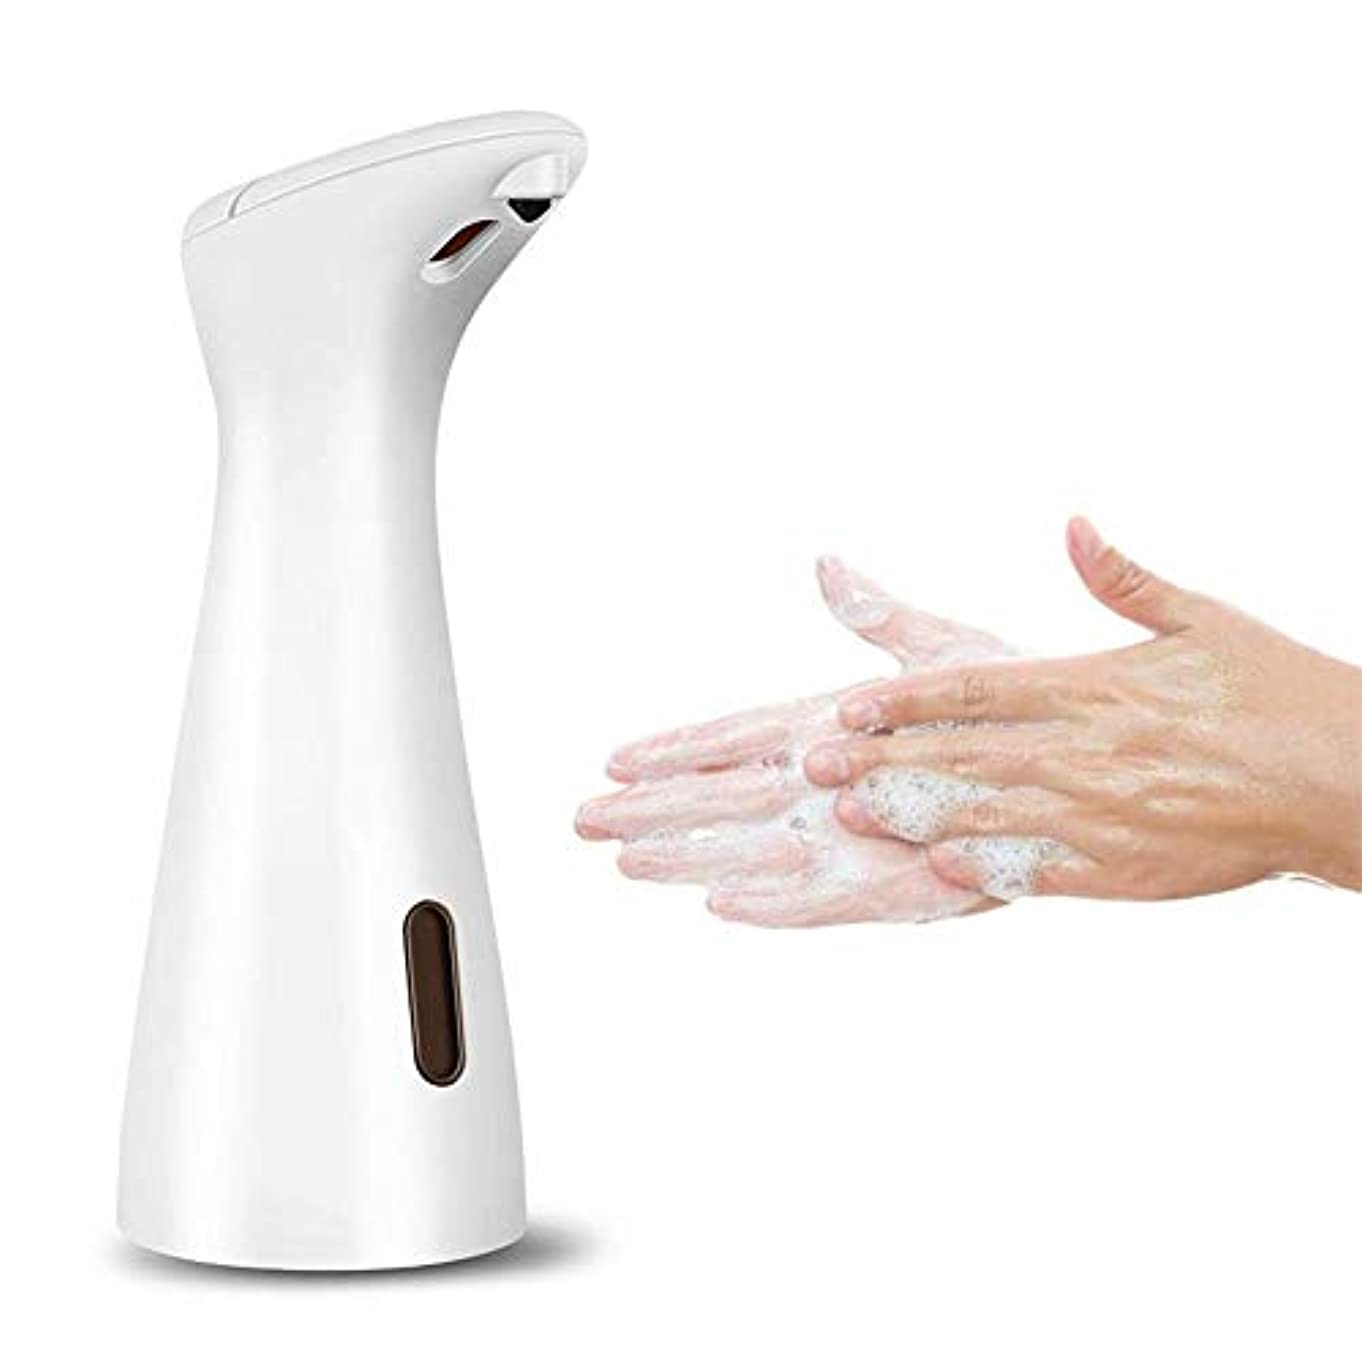 ロードブロッキング致死疎外する200ミリリットルスマート自動泡ソープディスペンサー誘導発泡手洗い機ポータブル液体ソープディスペンサー浴室キッチンツール